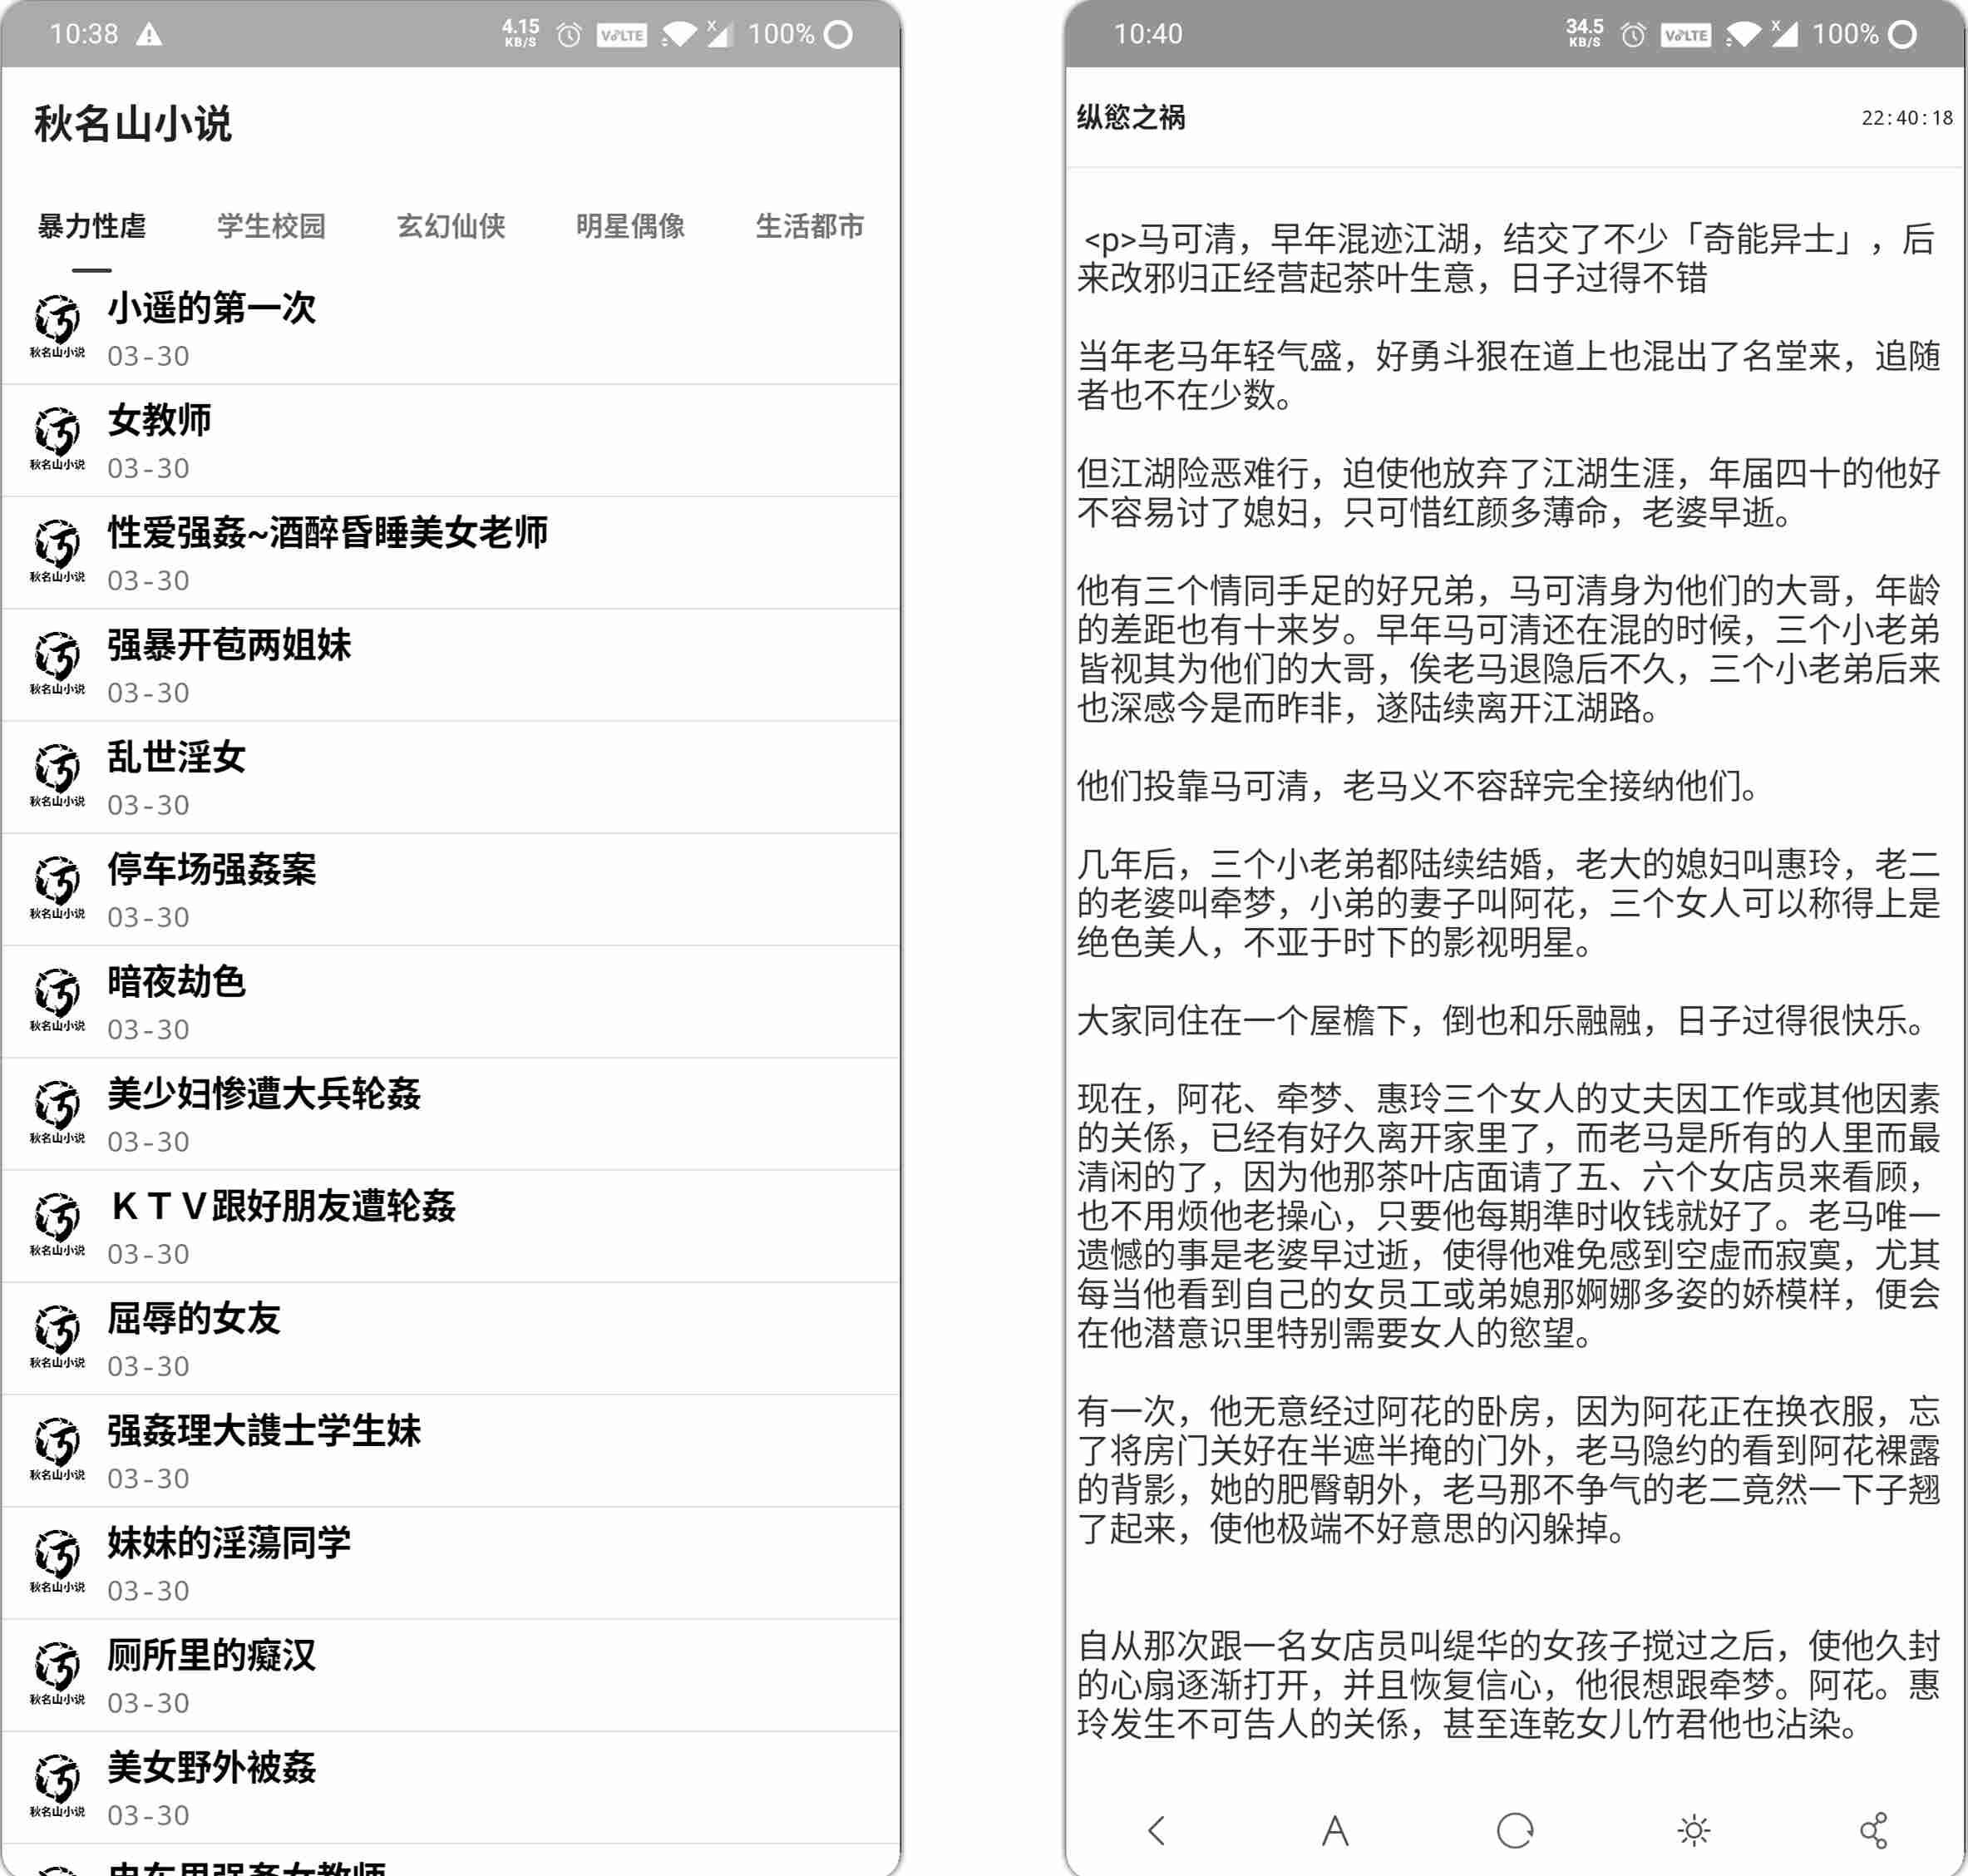 「秋名山小说」2.0版本增加分类查看开车了-第1张图片-小冰资源网